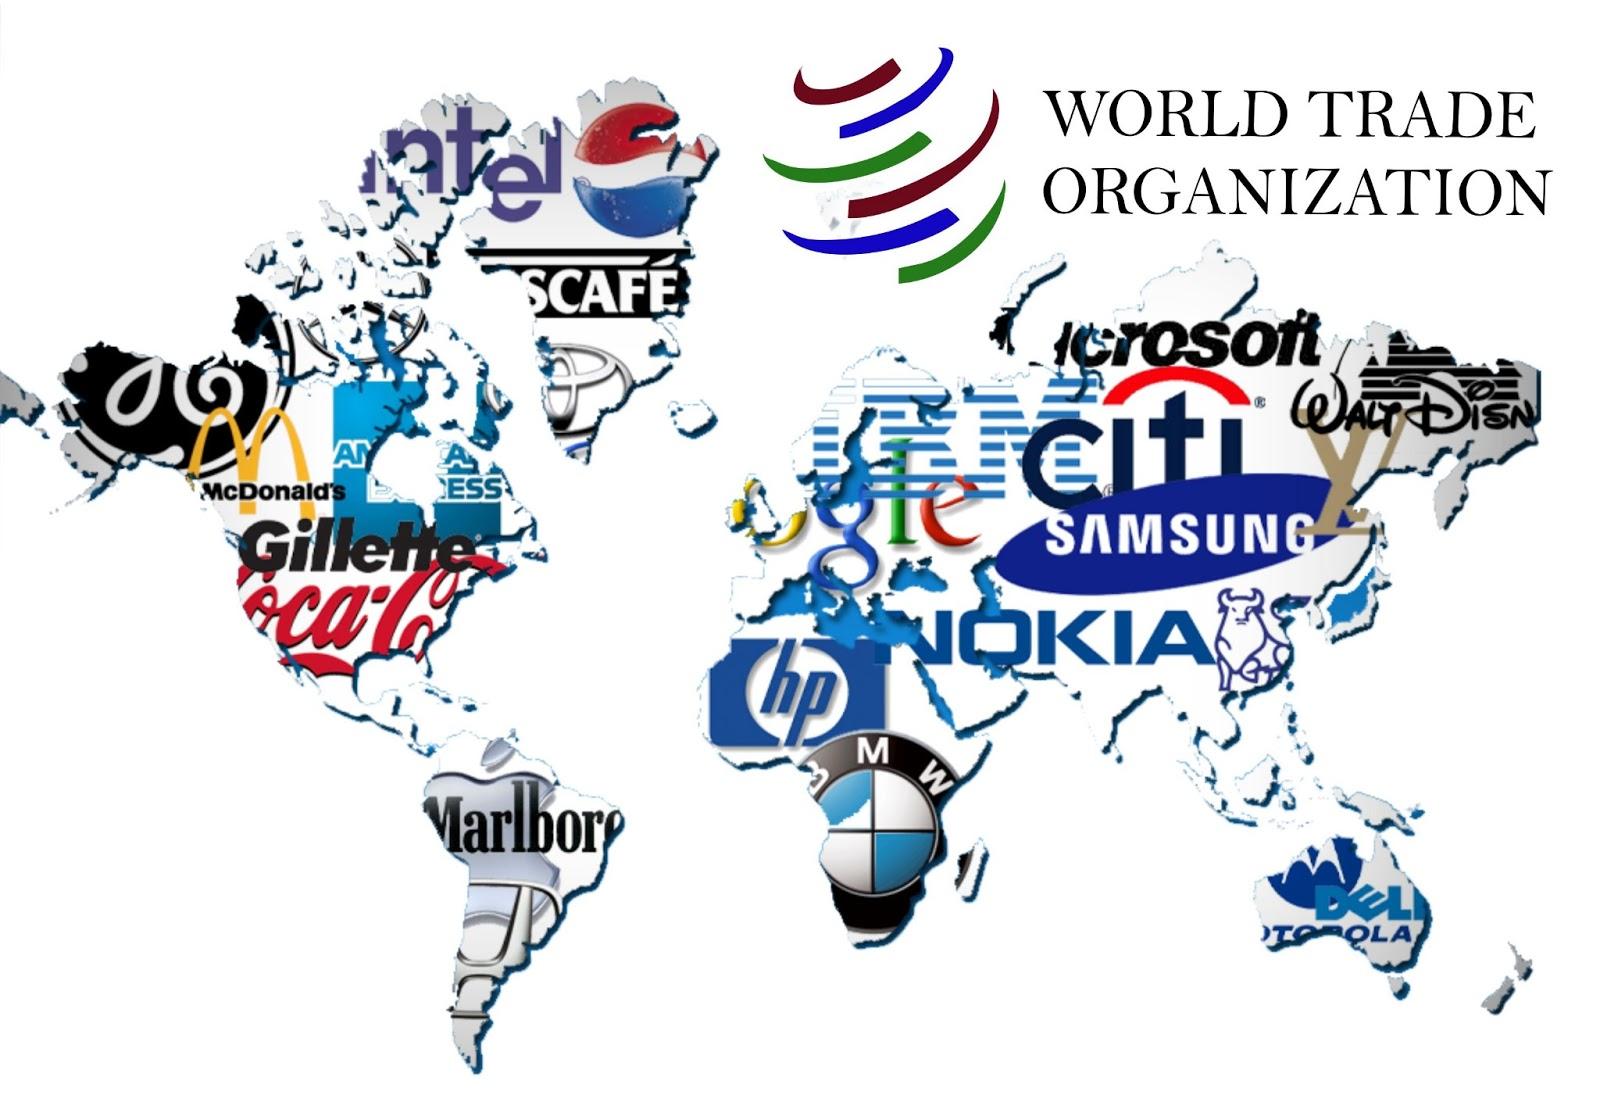 Y TU QUE SABES DEL COMERCIO?: ORGANIZACION MUNDIAL DEL COMERCIO (OMC)